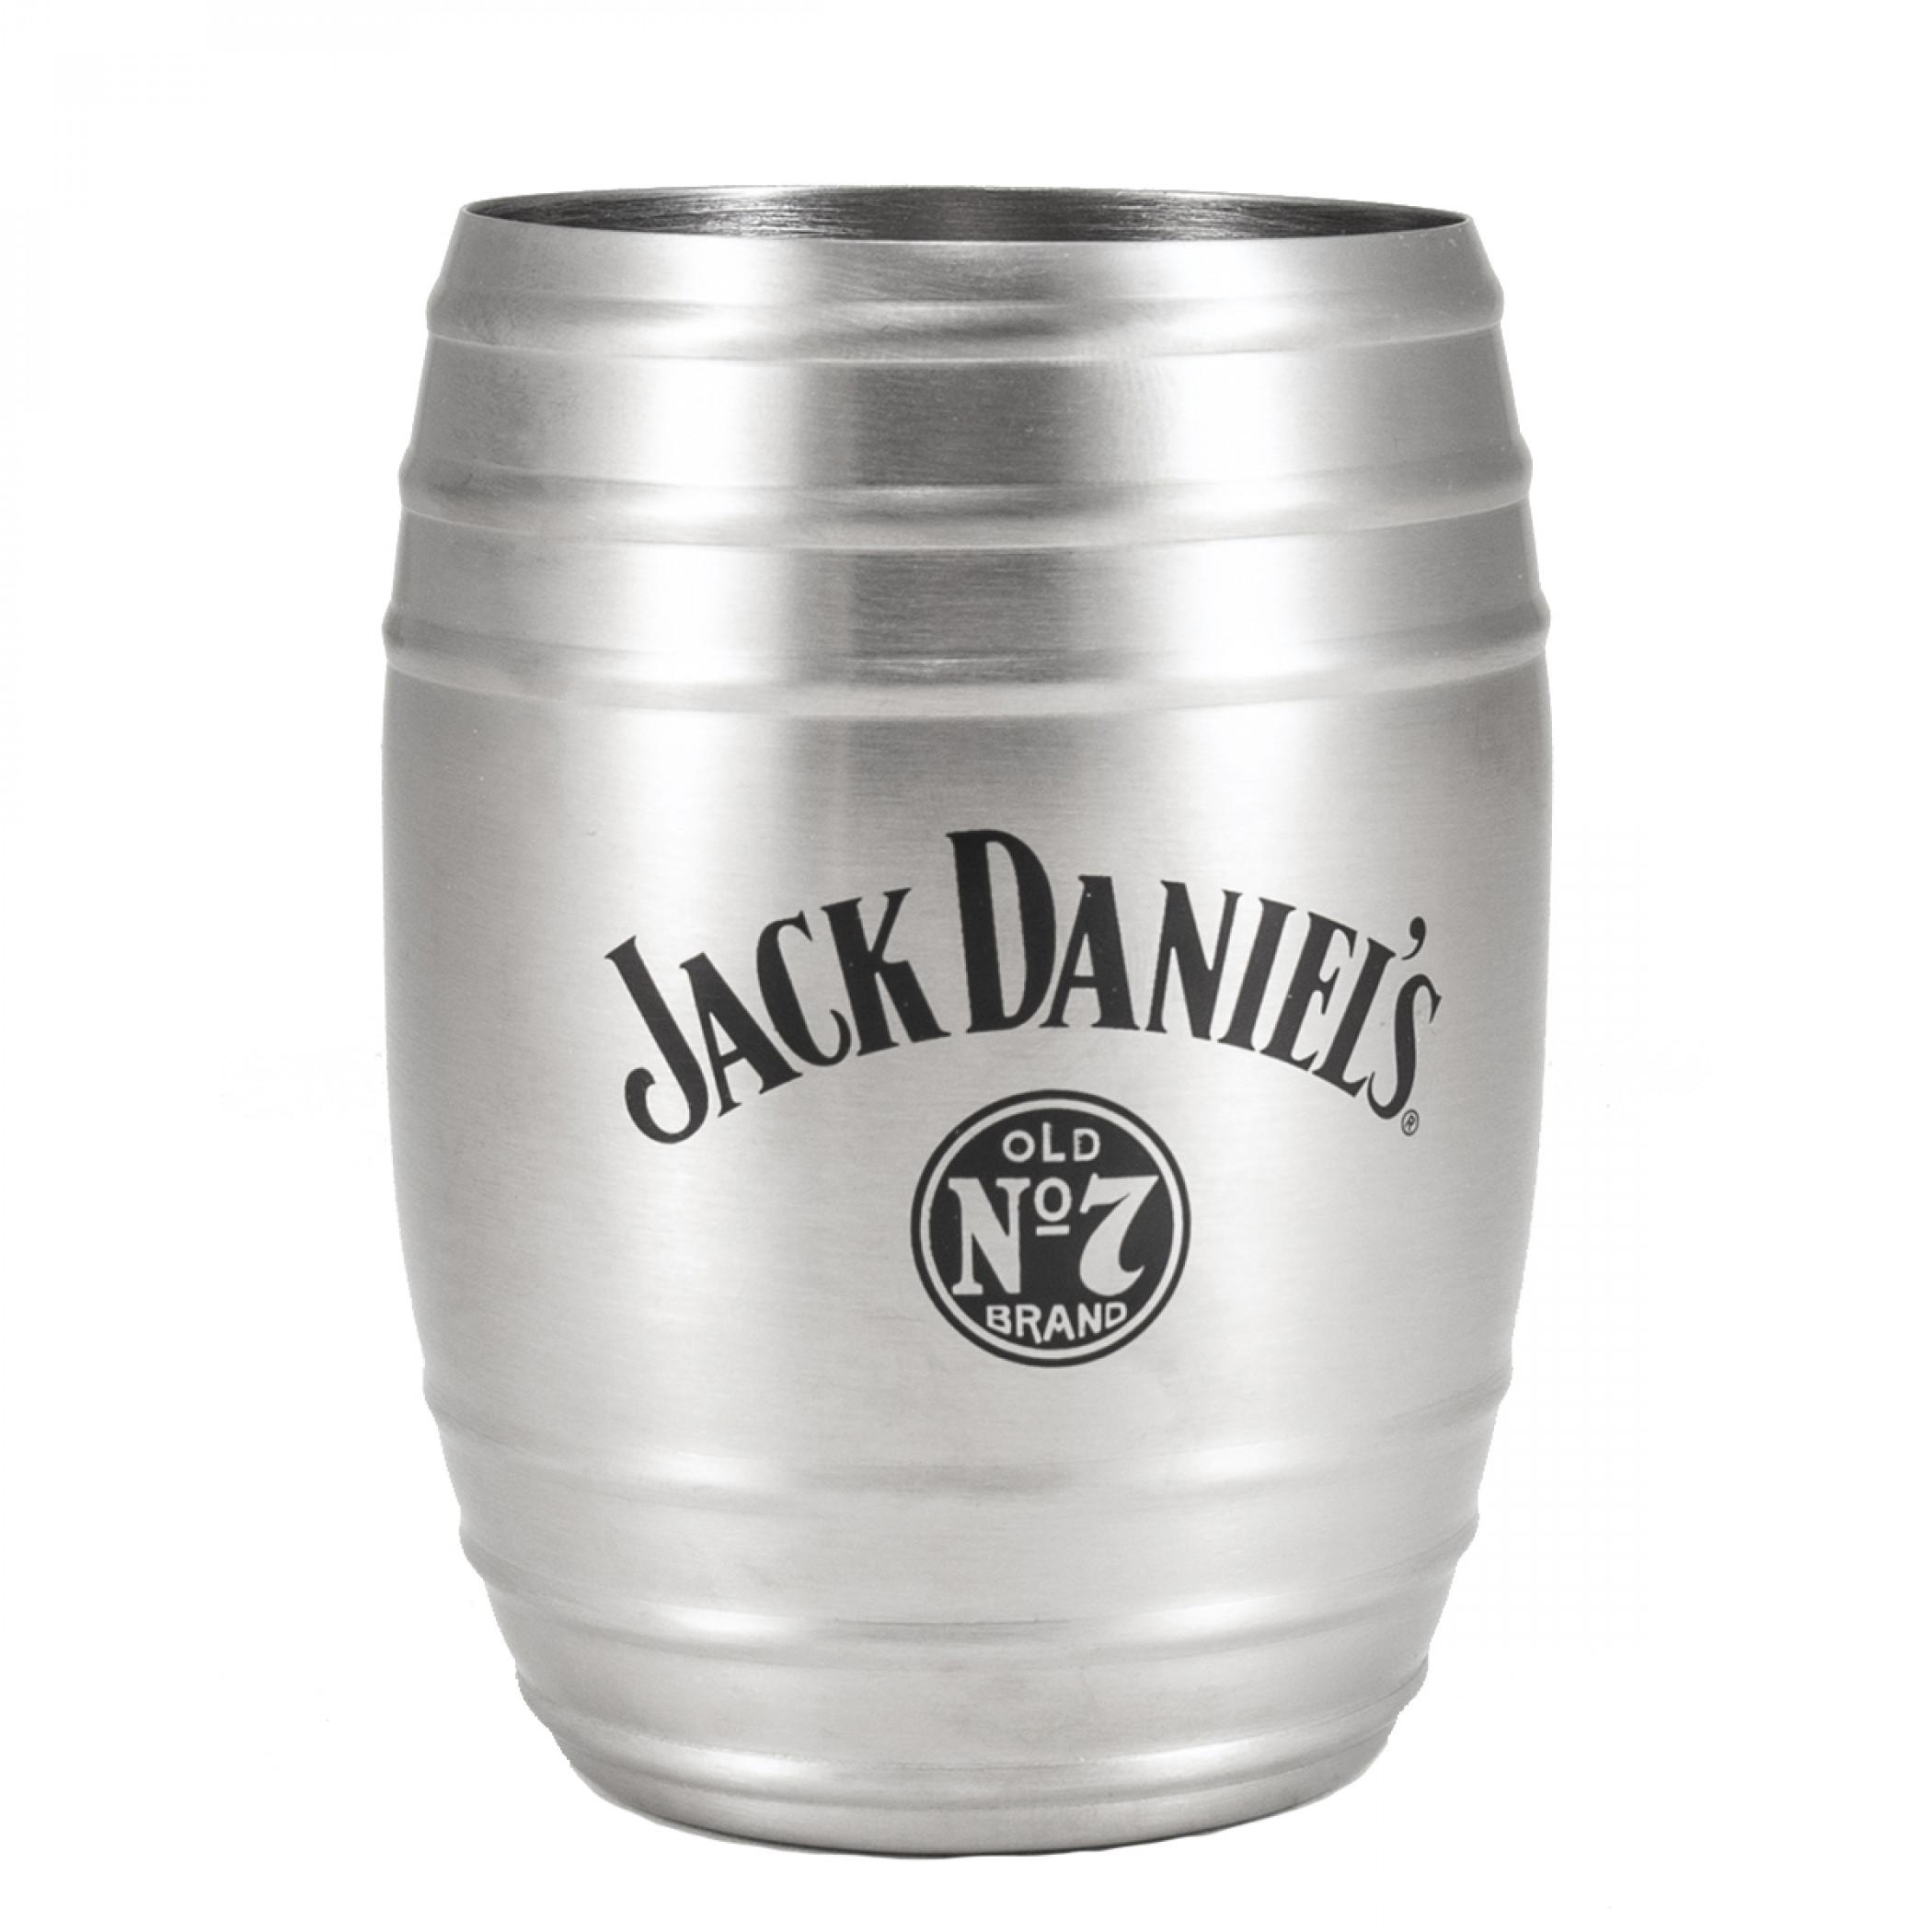 Jack Daniel's 14 oz Metal Barrel Cup